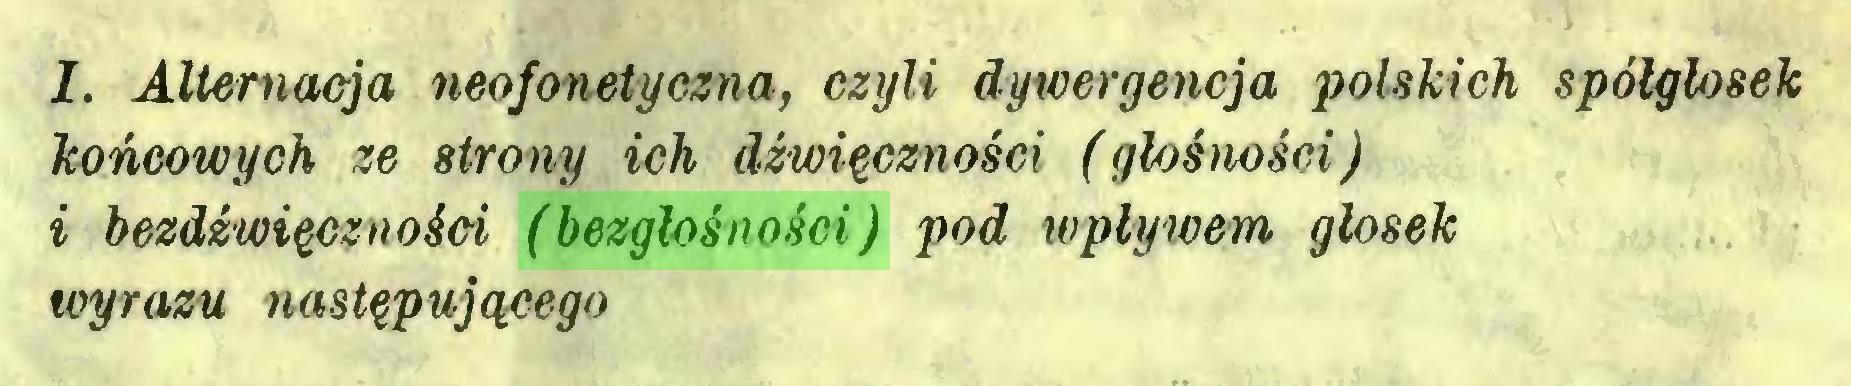 (...) I. Alternacja neofonetyczna, czyli dywergencja polskich spółgłosek końcowych ze strony ich dźwięczności (głośmści) i bezdźwięczności (bezgłośności) pod wpływem głosek wyrazu następującego...